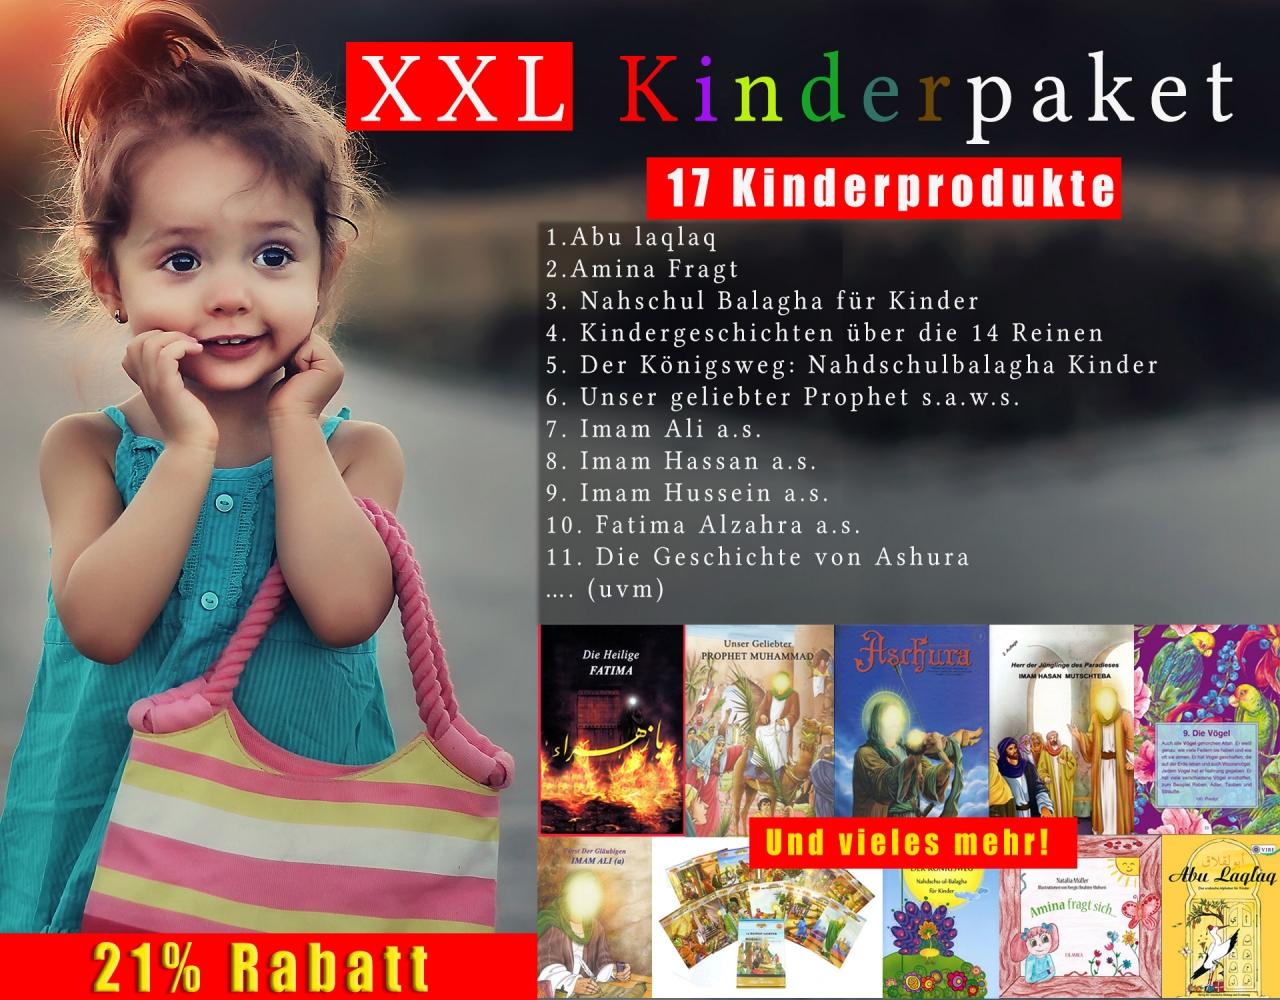 XXL Kinderpaket von Schia-Shop.de  Über 17 Kinderbücher auf Deutsch über die Ahlulbait a.s. Kindsgerecht erzählt.       Amina fragt sich was ist eigentlich ein Muslim     Der Königsweg: Nahjulbalagha für Kinder     Kindergeschichten über die 14 Reinen (14